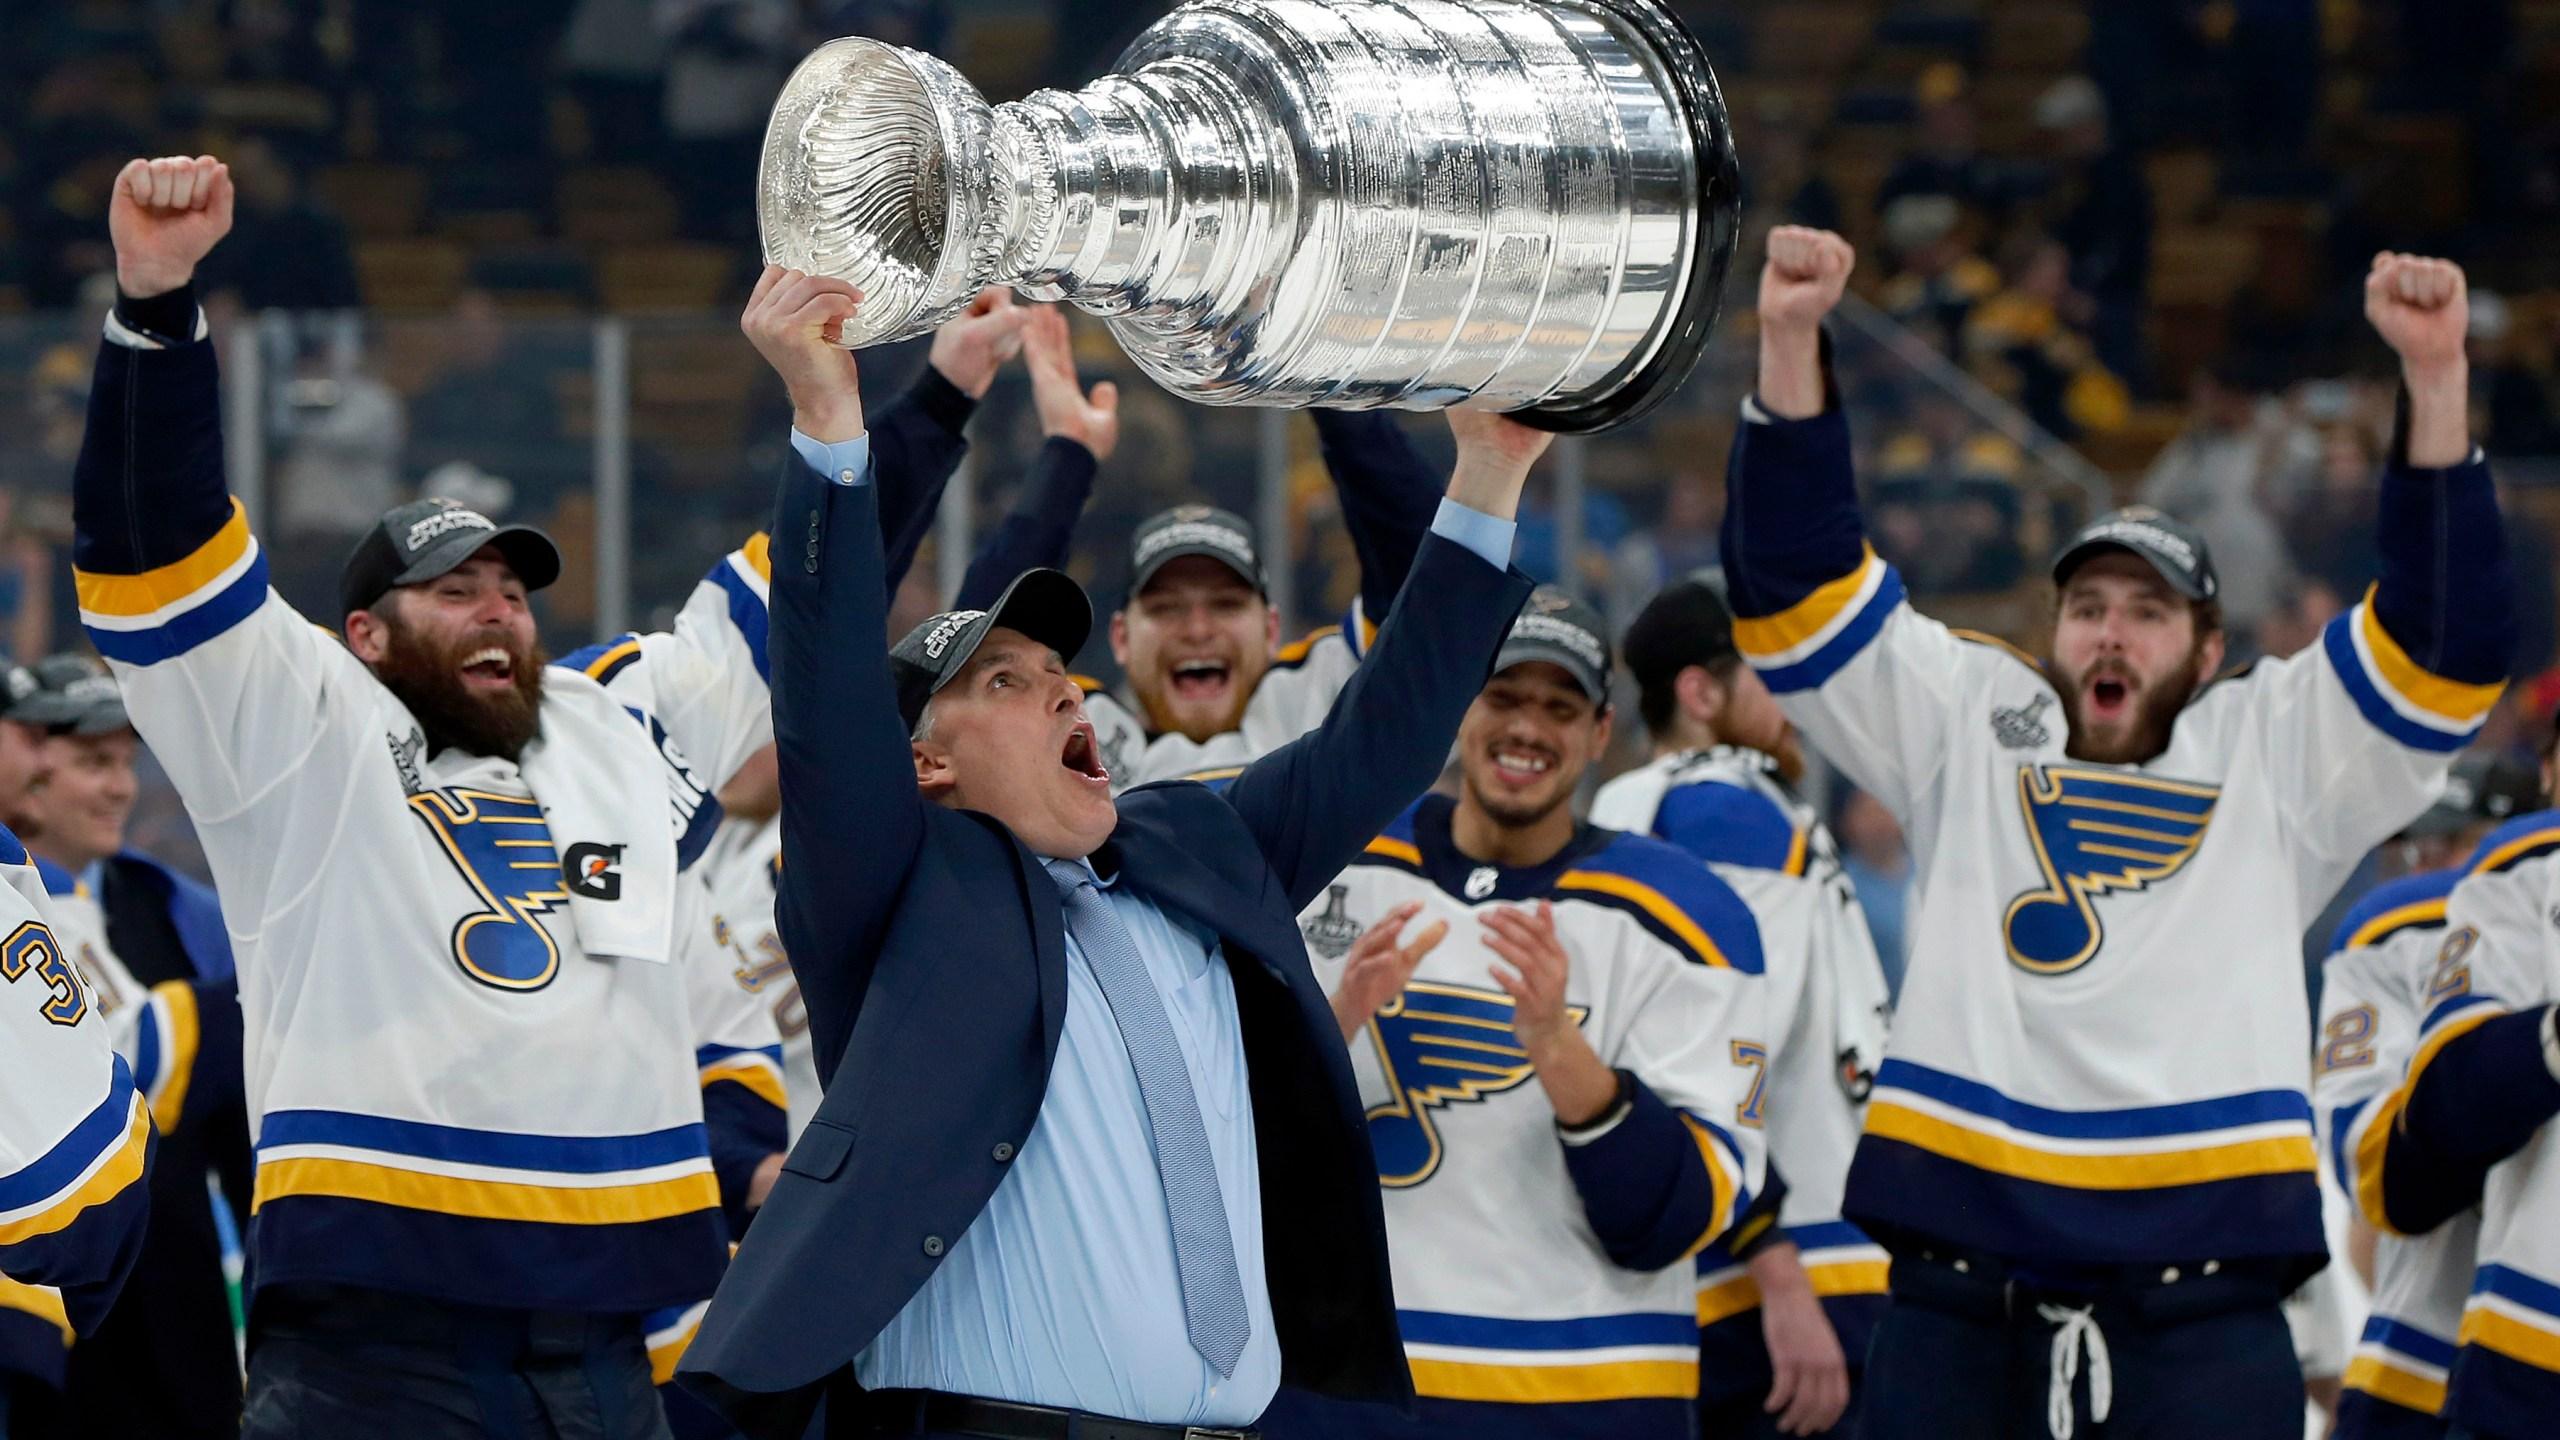 APTOPIX_Stanley_Cup_Blues_Bruins_Hockey_66697-159532.jpg80863525